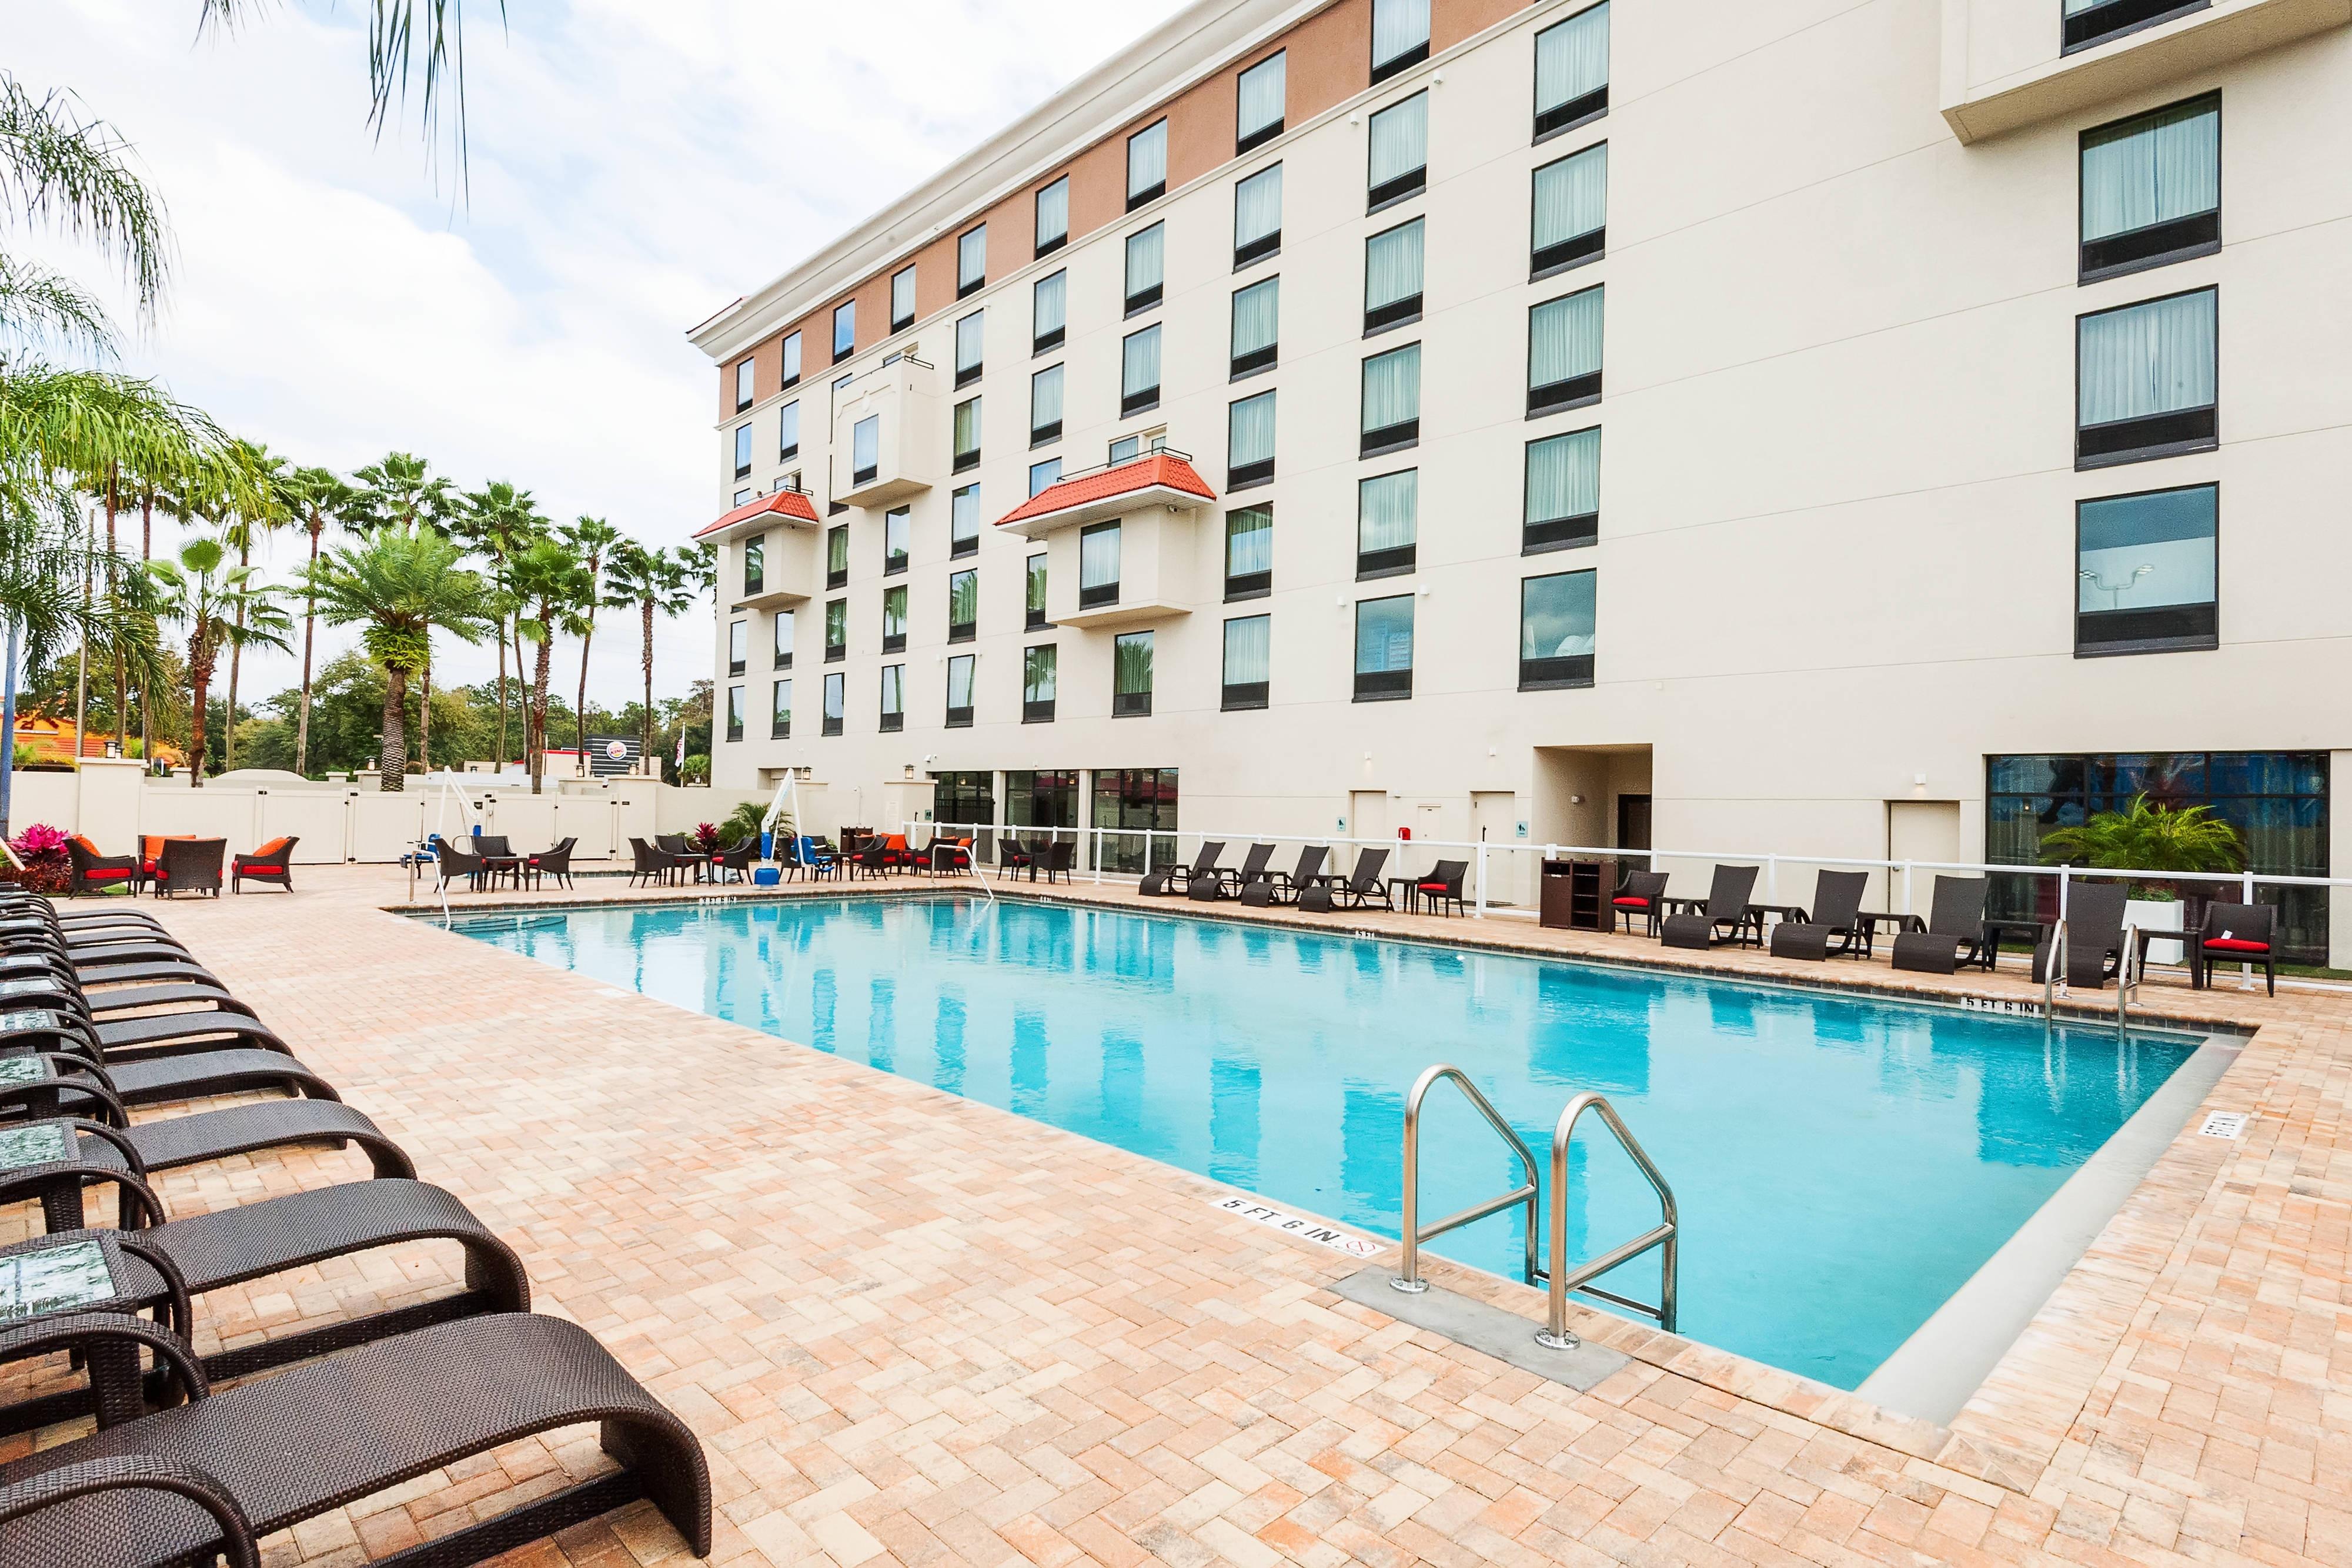 レイクブエナビスタのホテルの屋外プール